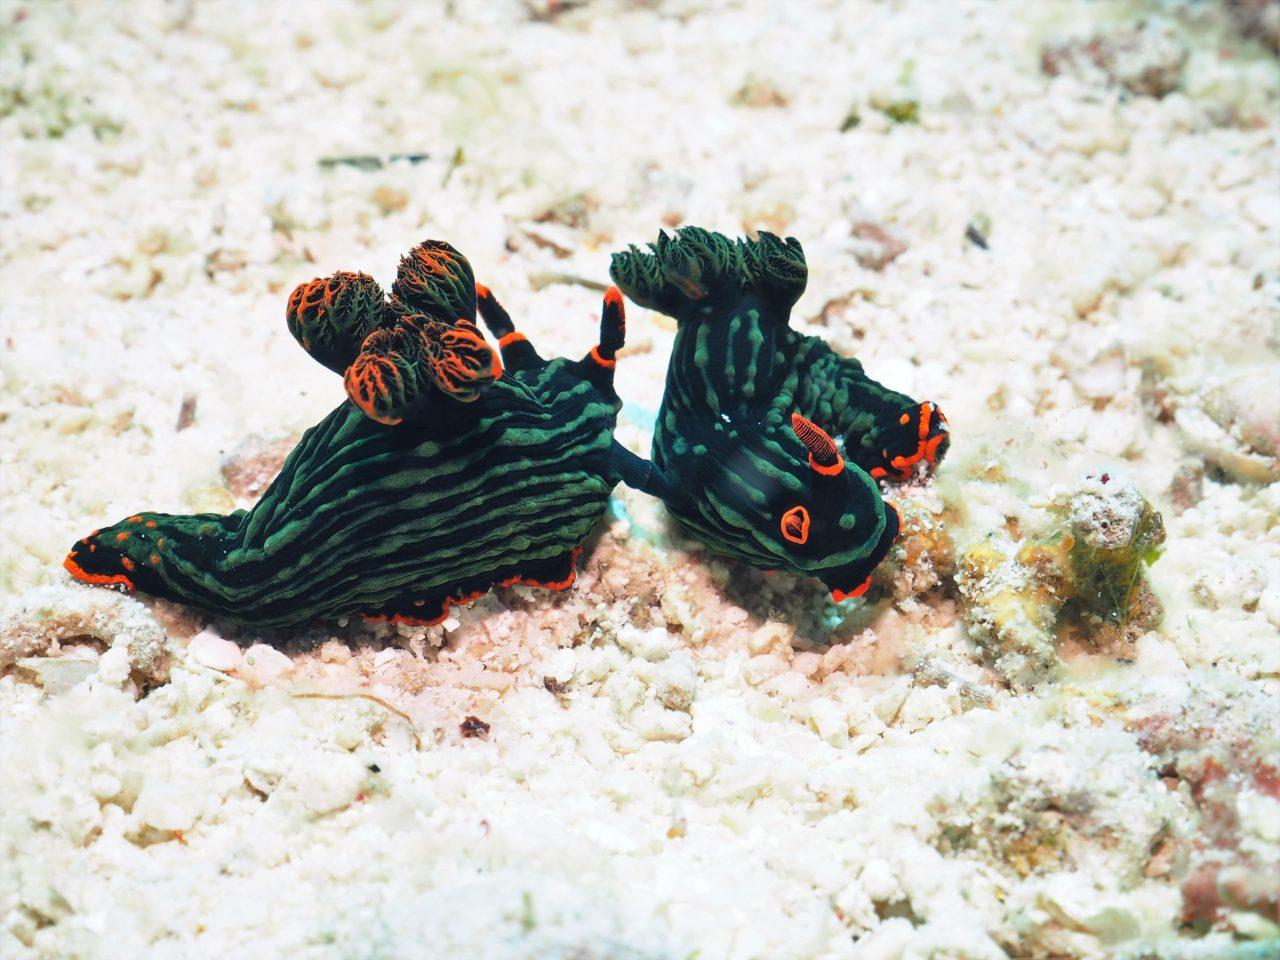 パングラオ島南のアカフチリュウグウウミウシ